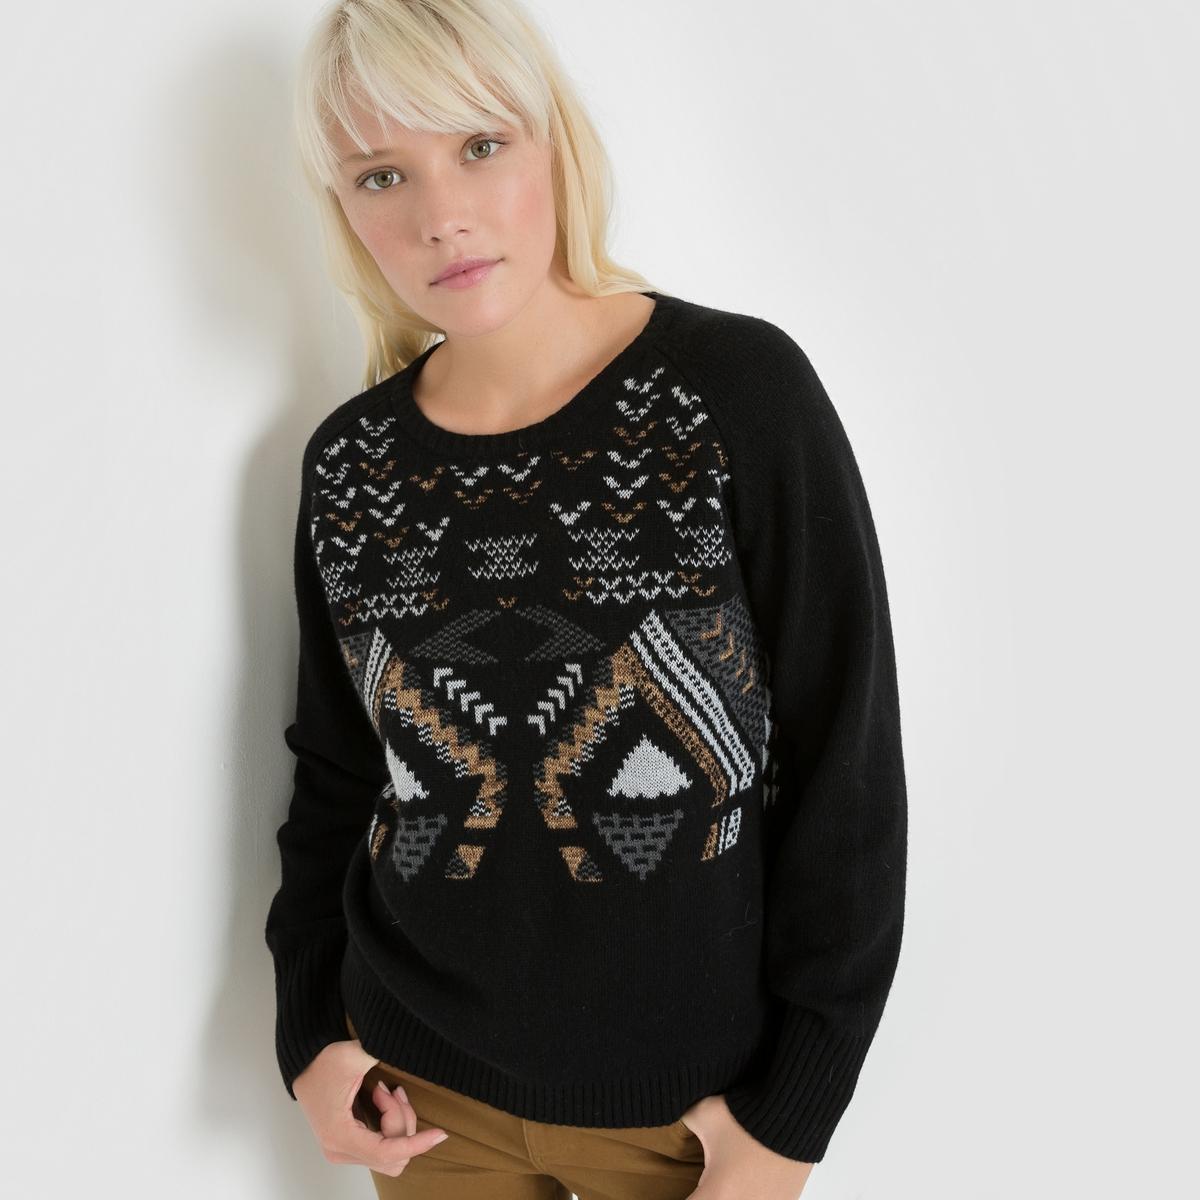 Пуловер с геометрическим рисункомПуловер с длинными рукавами SUNCOO. Пуловер комфортного прямого покроя из трикотажа. Оригинальный геометрический рисунок спереди. Свободный круглый вырез. Края связаны в рубчик. Состав и описаниеМарка : SUNCOOМатериал : 35% полиамида, 30% вискозы, 20% акрила, 10% шерсти, 5% кашемира<br><br>Цвет: черный